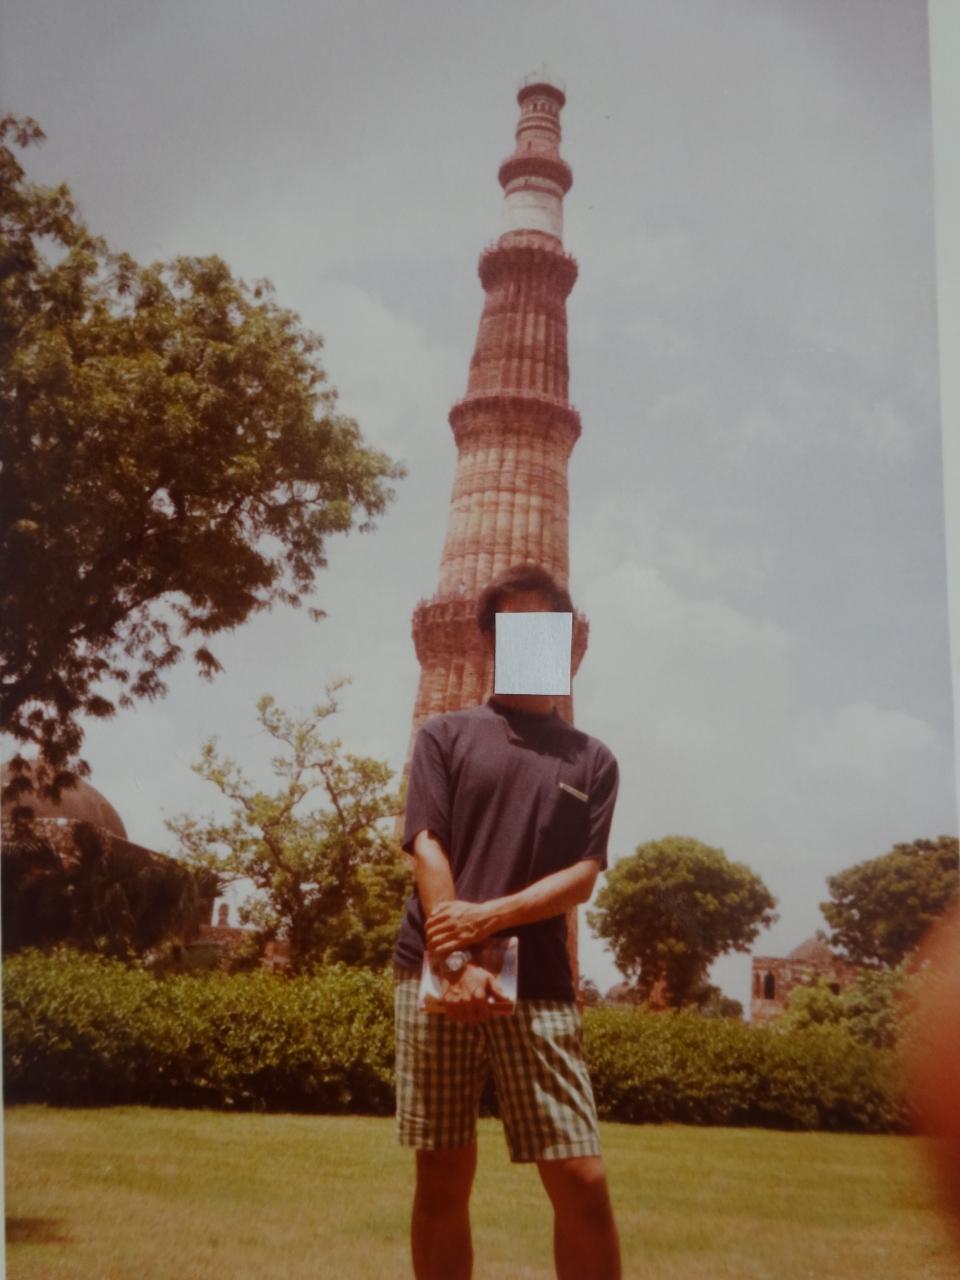 クトゥブ・ミナール(後方は72Mの塔) クトゥブ・ミナール(後方は72Mの塔)